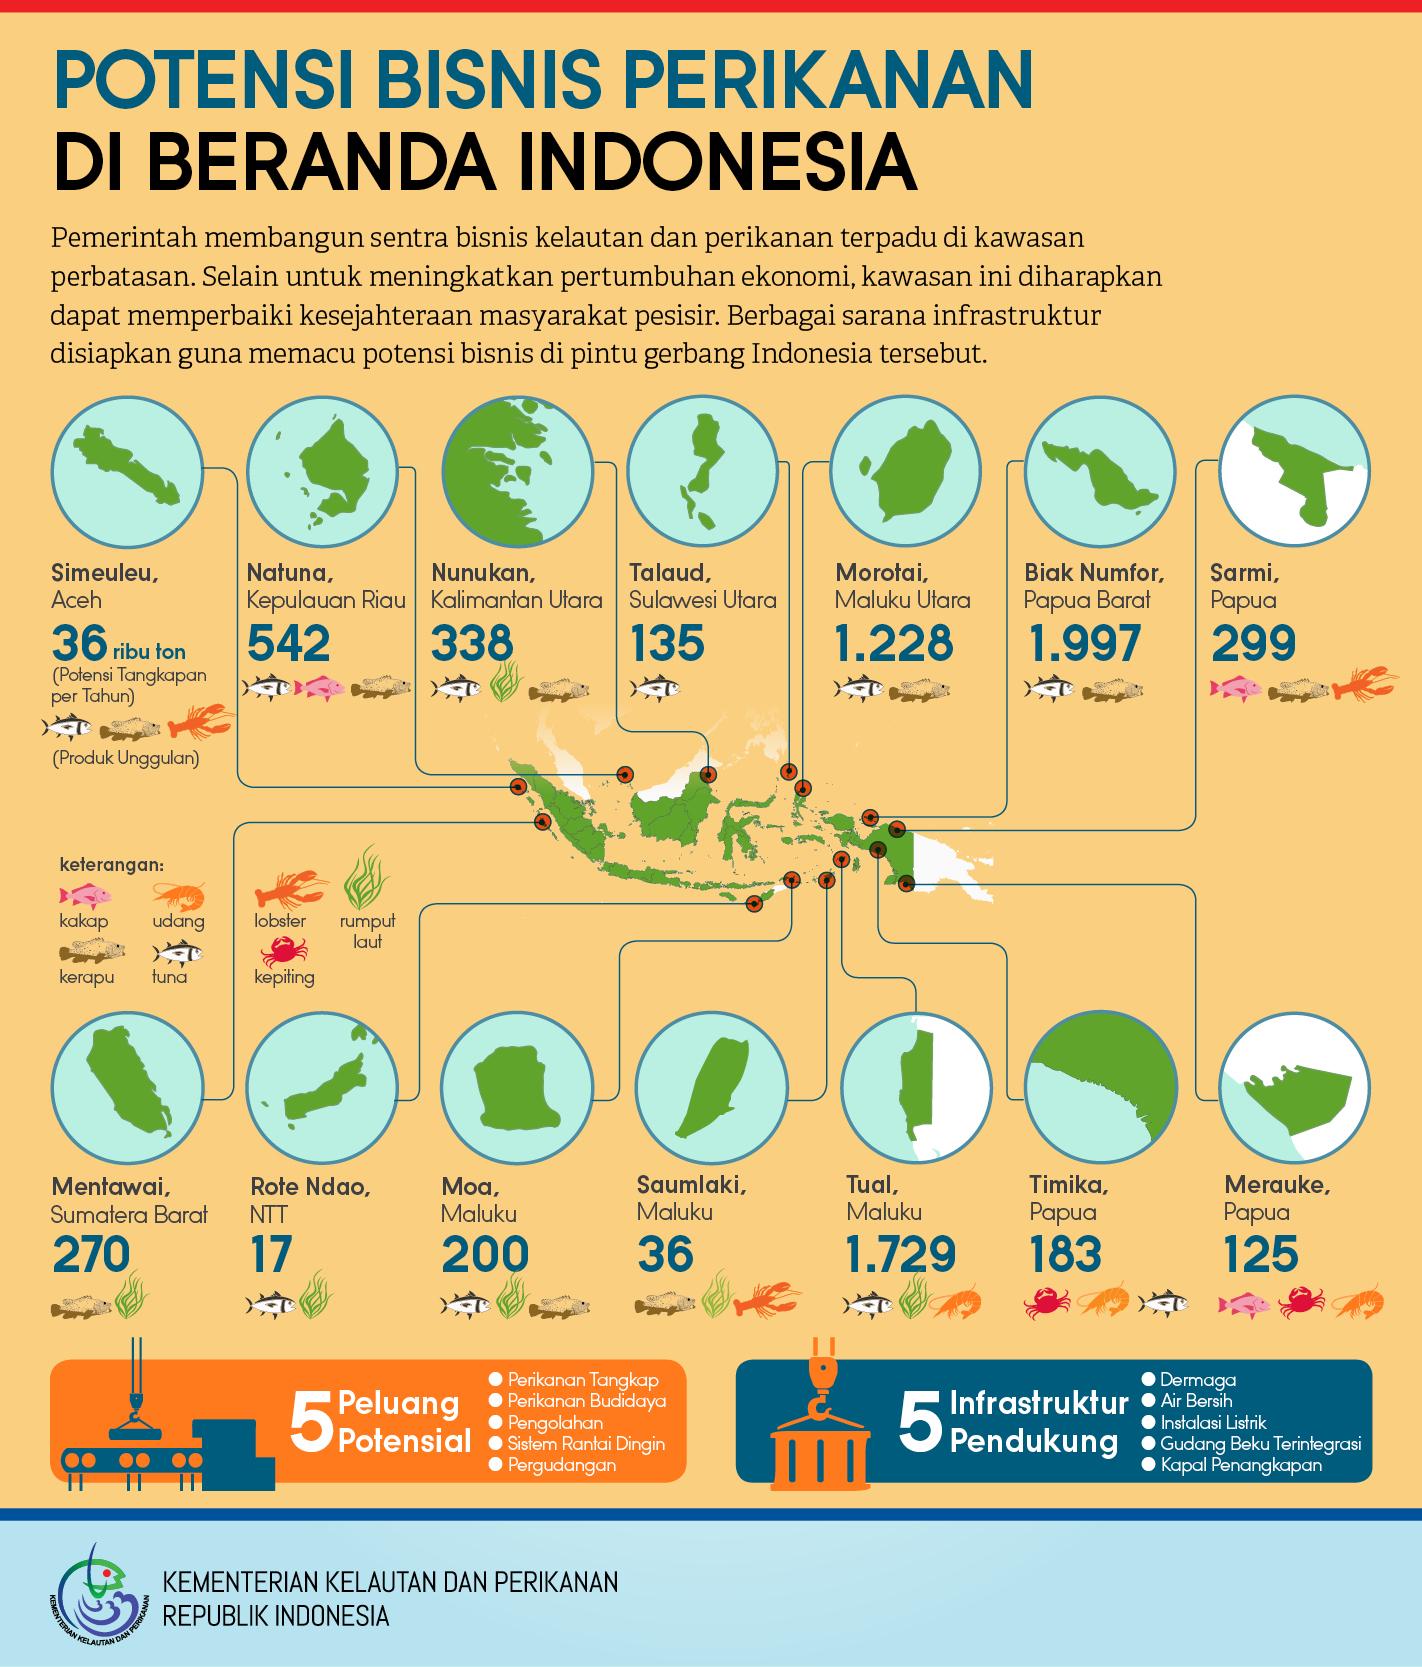 Potensi Bisnis Perikanan di Beranda Indonesia